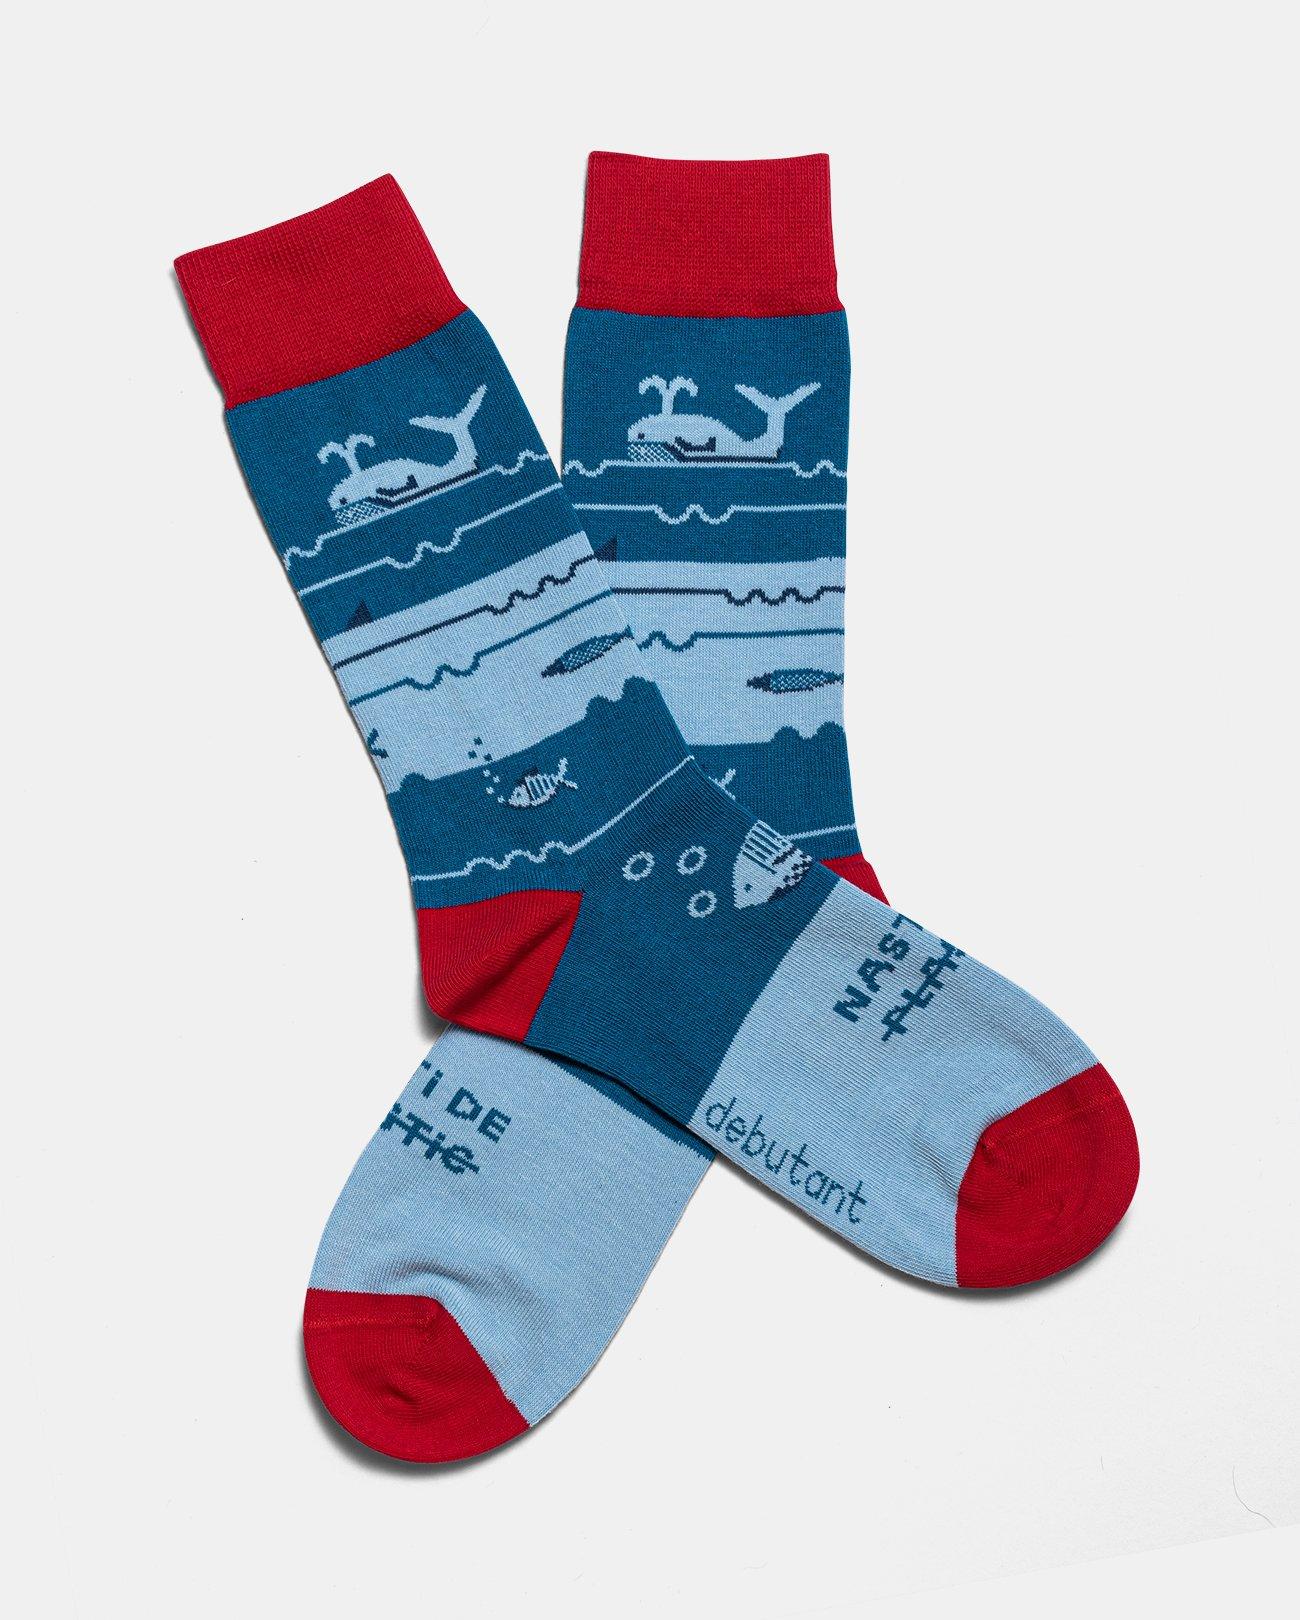 socks made in spain